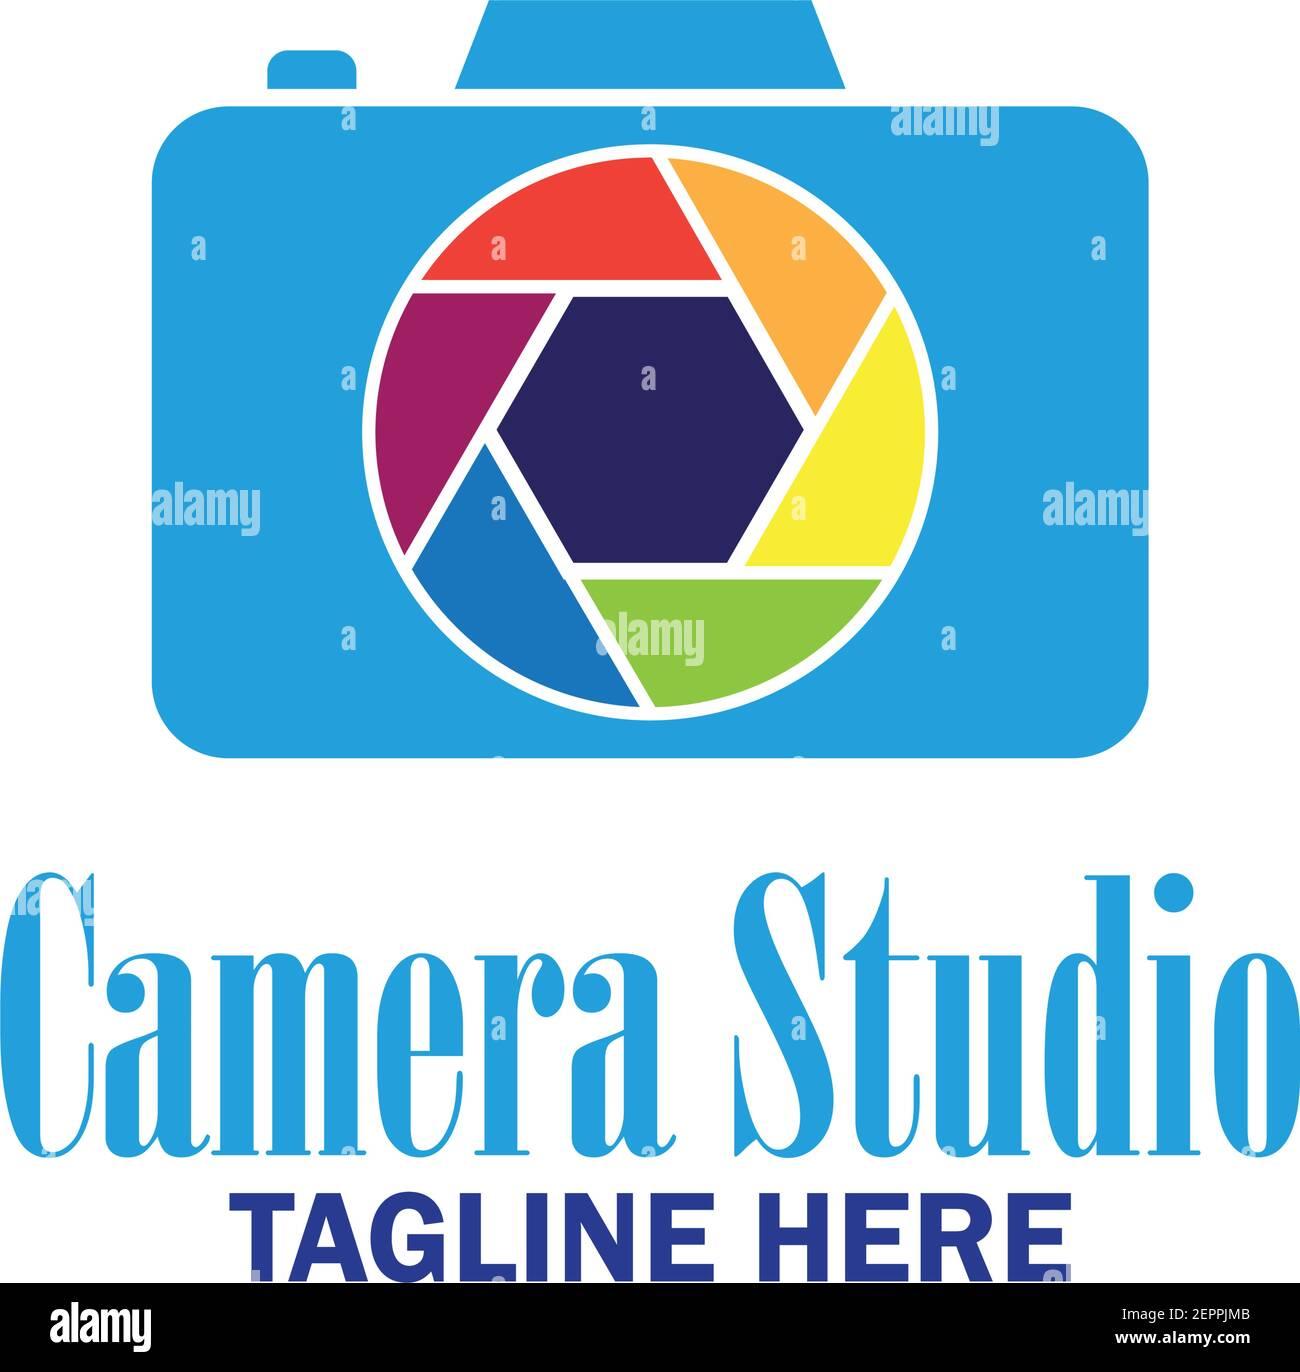 estudio de cámara, obturador, icono de tienda de cámara con espacio de texto para su eslogan tagline, ilustración vectorial Ilustración del Vector